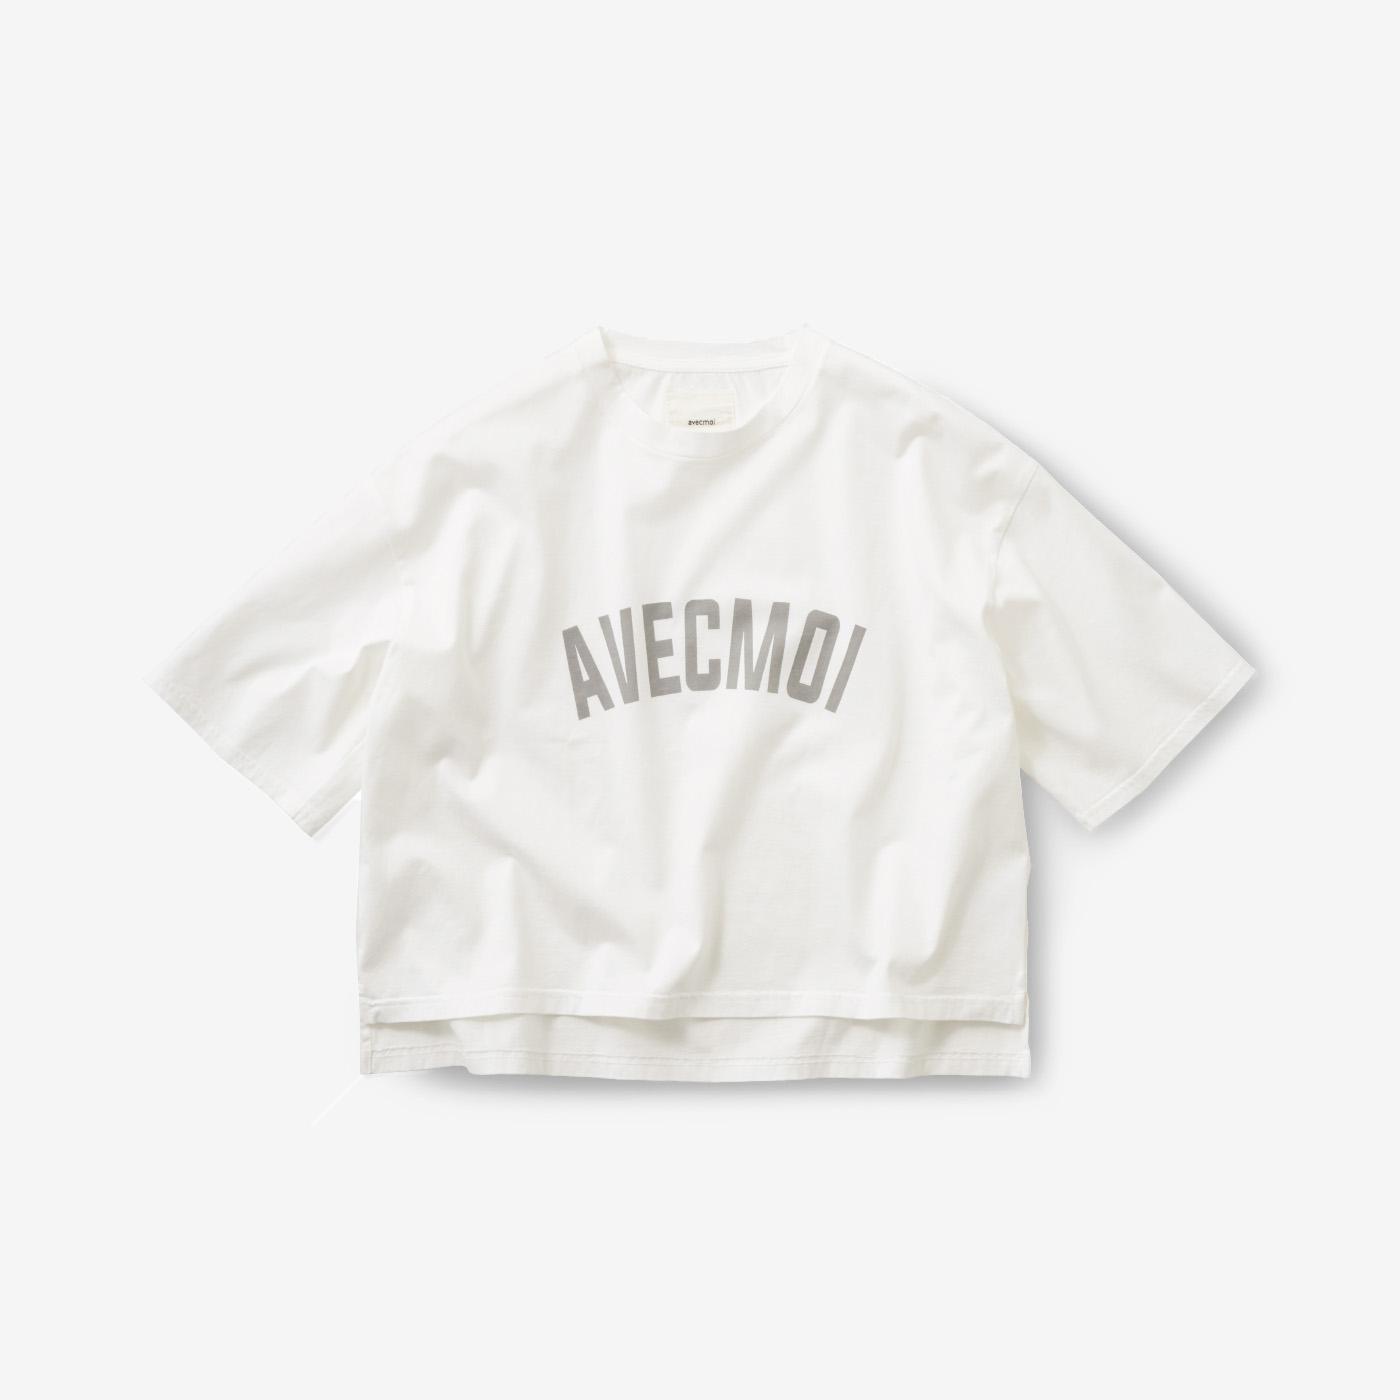 フェリシモ avecmoi ロゴTシャツ〈ホワイト〉